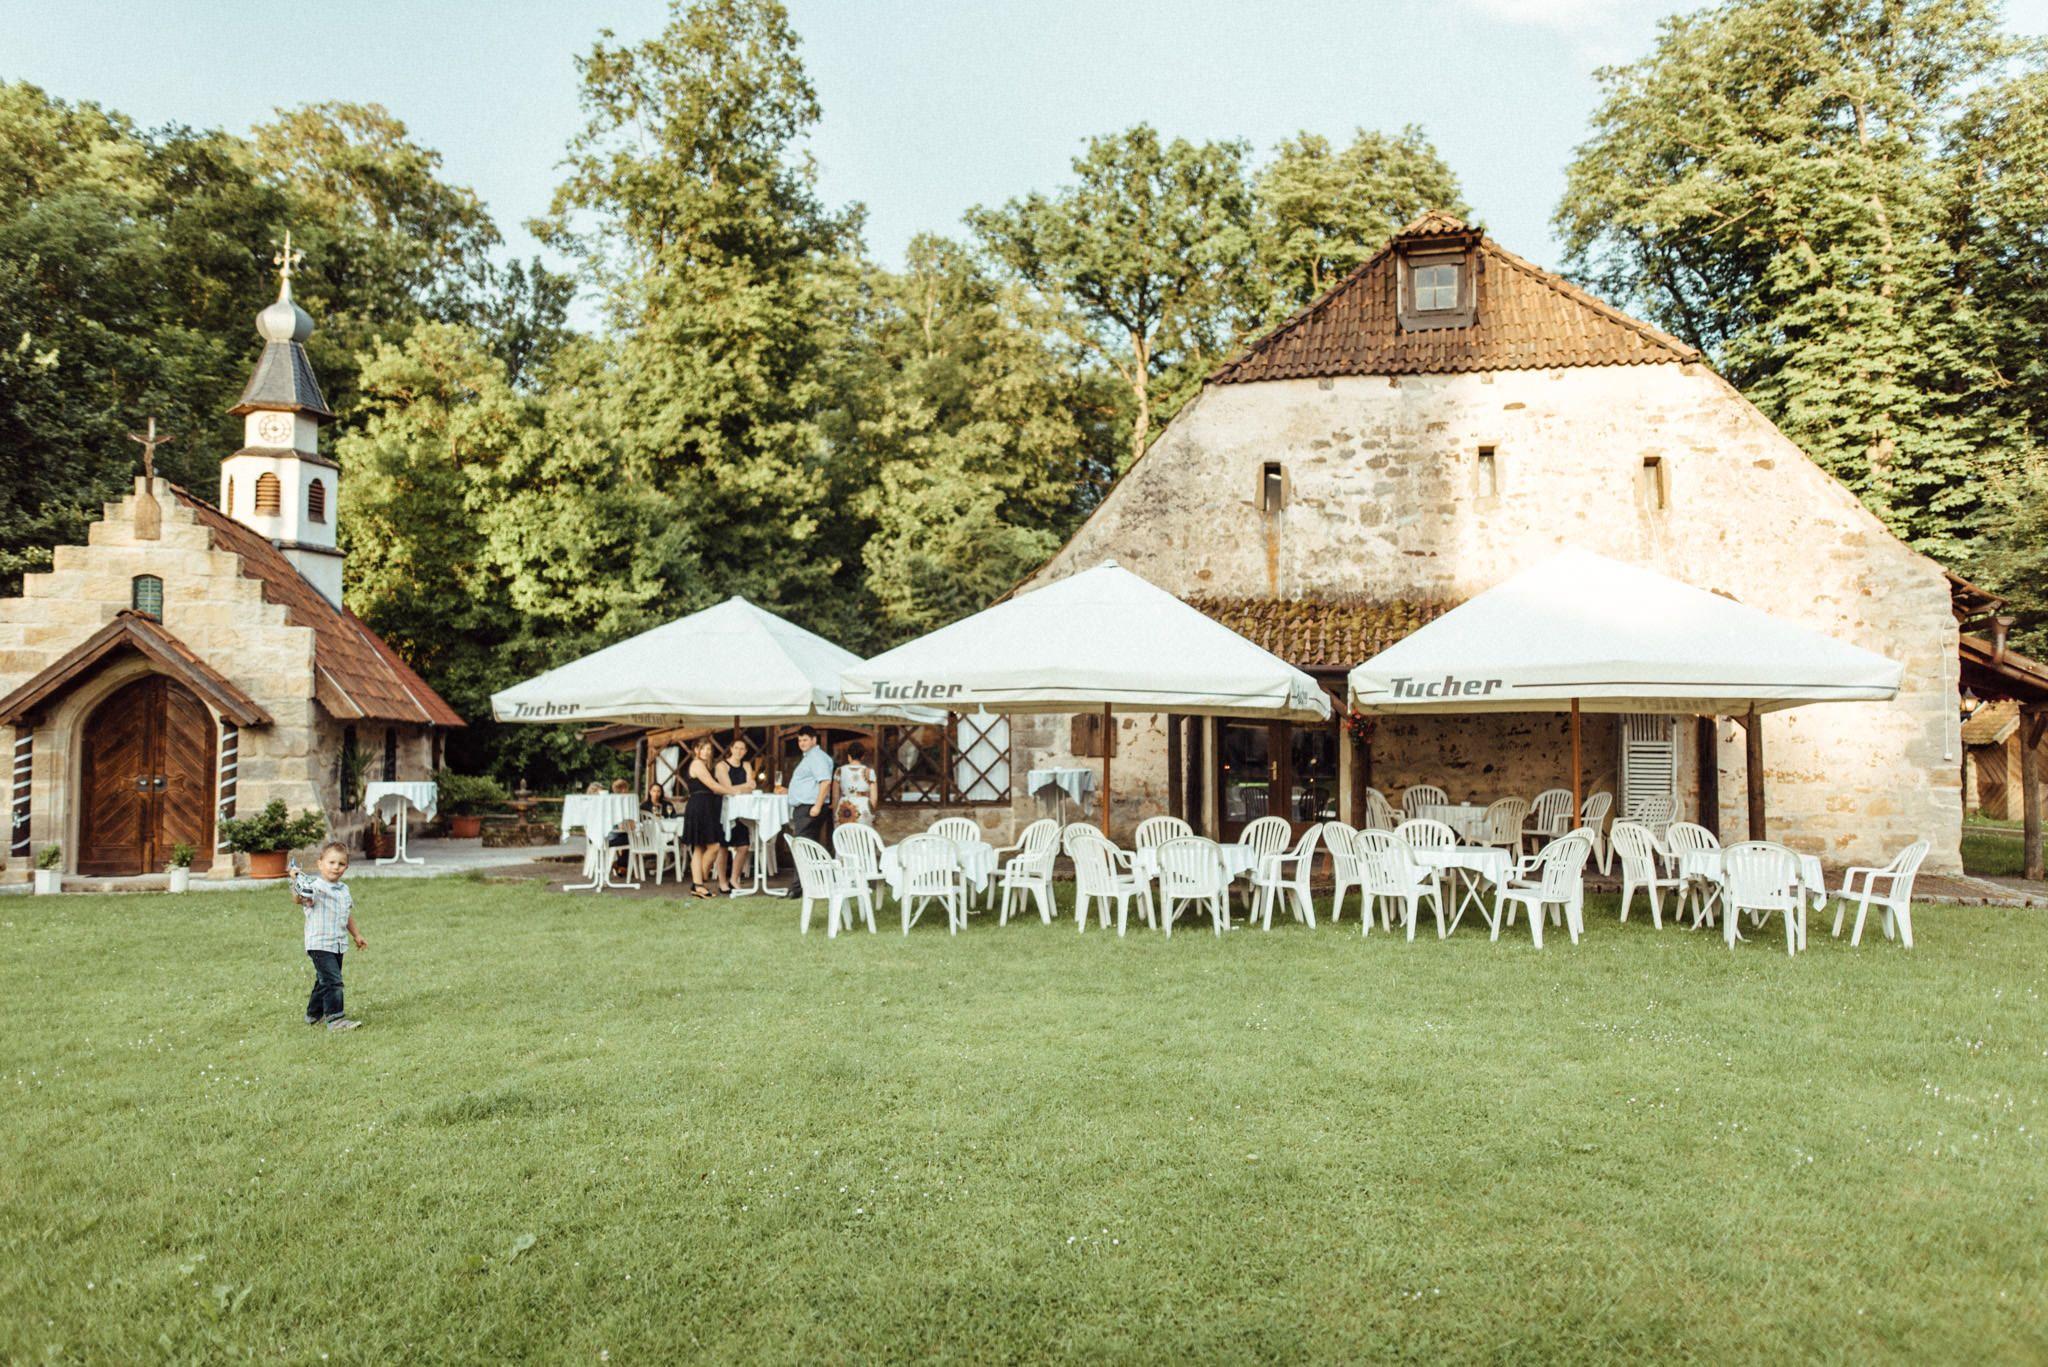 Heiraten Im Grunen Sommerhochzeit In Der Natur Heiraten Im Zauberhaften Schloss Geiersberg In Sesslach Hochzeitslocation Hochzeitsfotograf Hochzeitsfotos